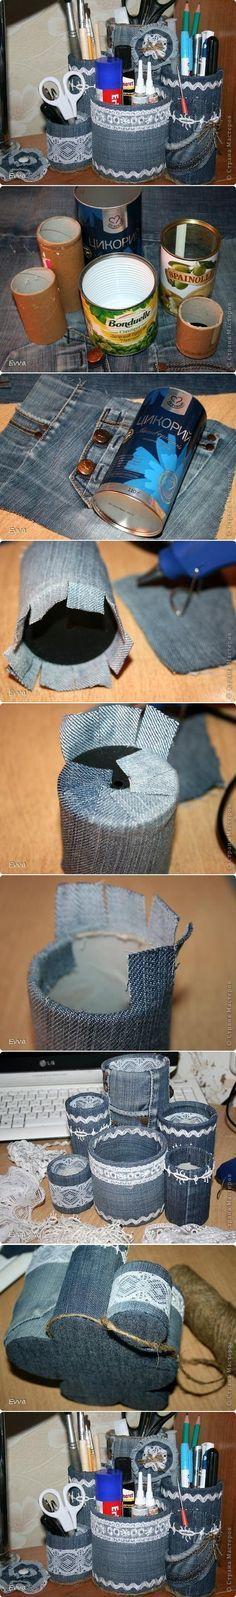 Utensilienbehälter Dosen Jeans